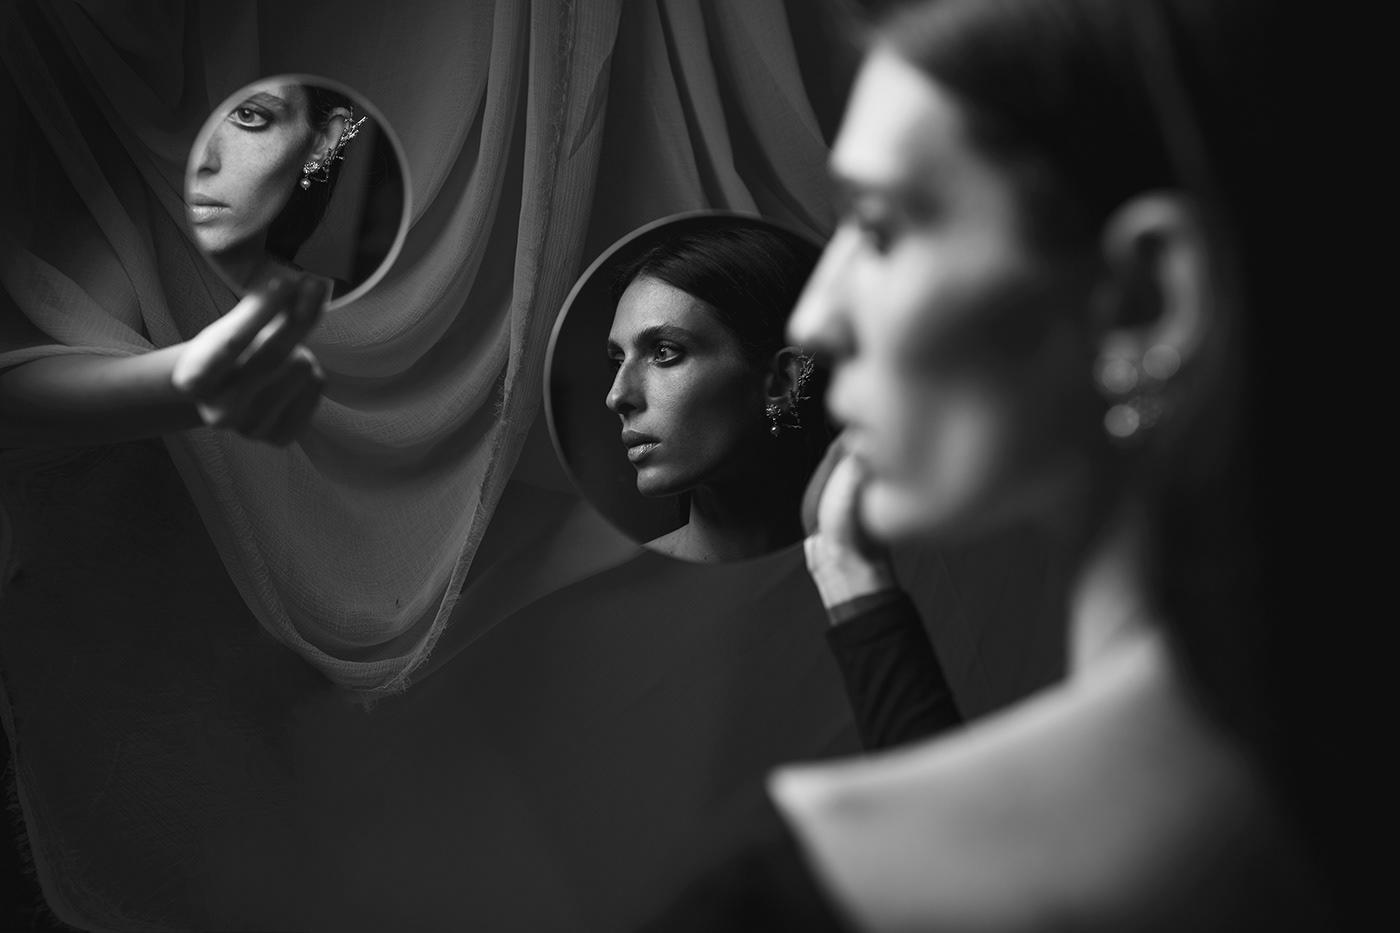 ani dishnica blackandwhite Edvina Meta fashion editorial fashionphotography